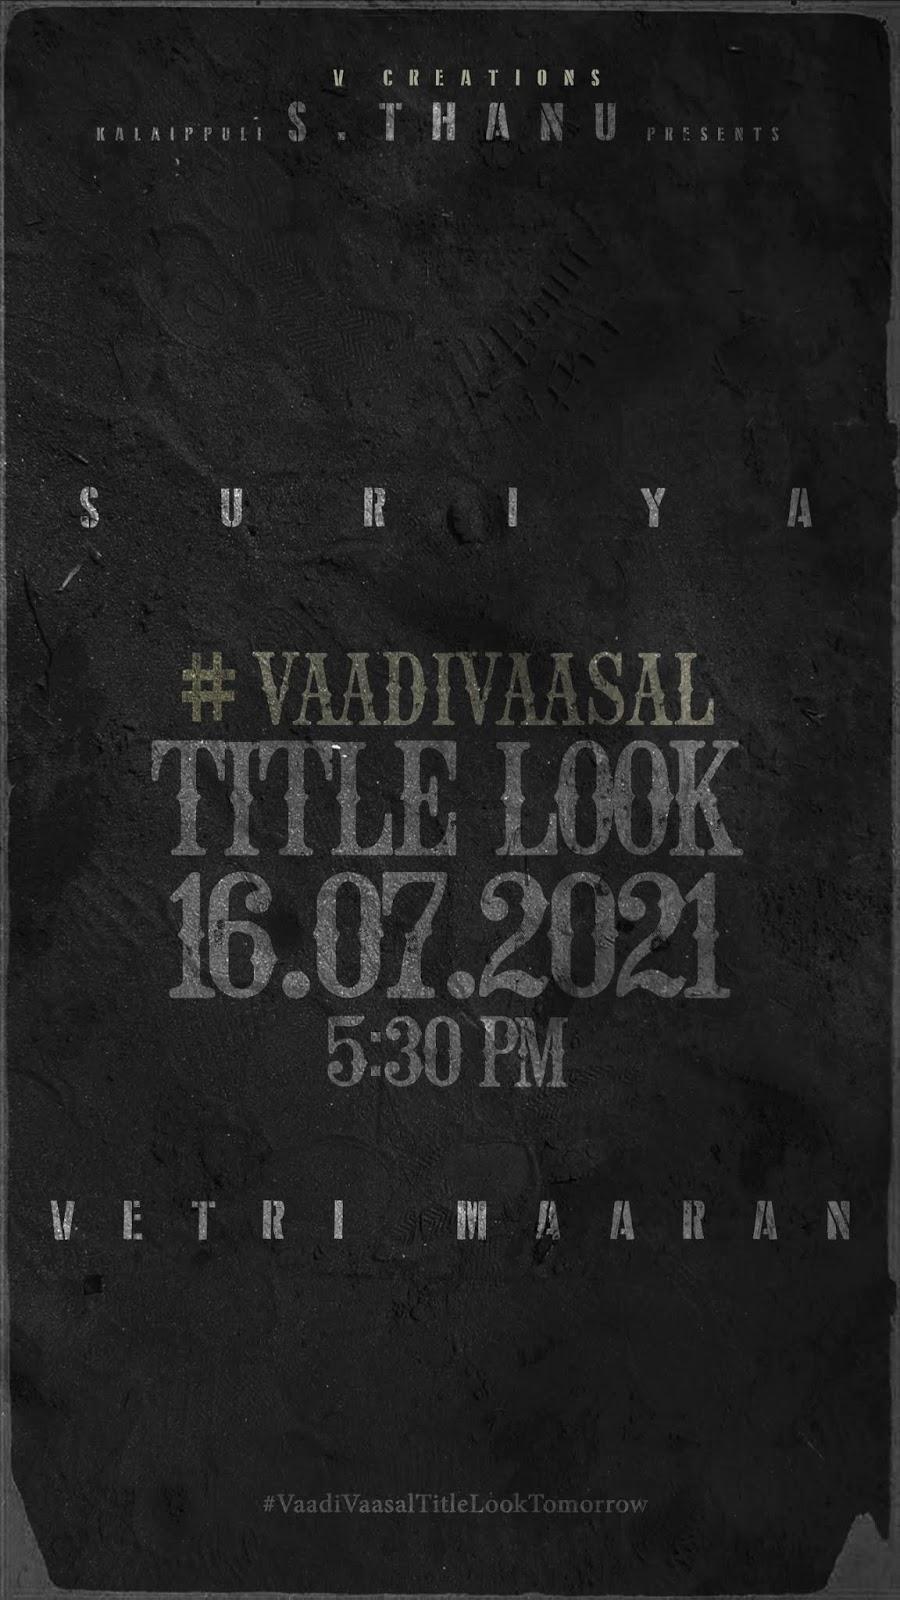 வாடிவாசல் திரைப்படத்தின் Title Look நாளை வெளியாகிறது! Vadivasal | Surya